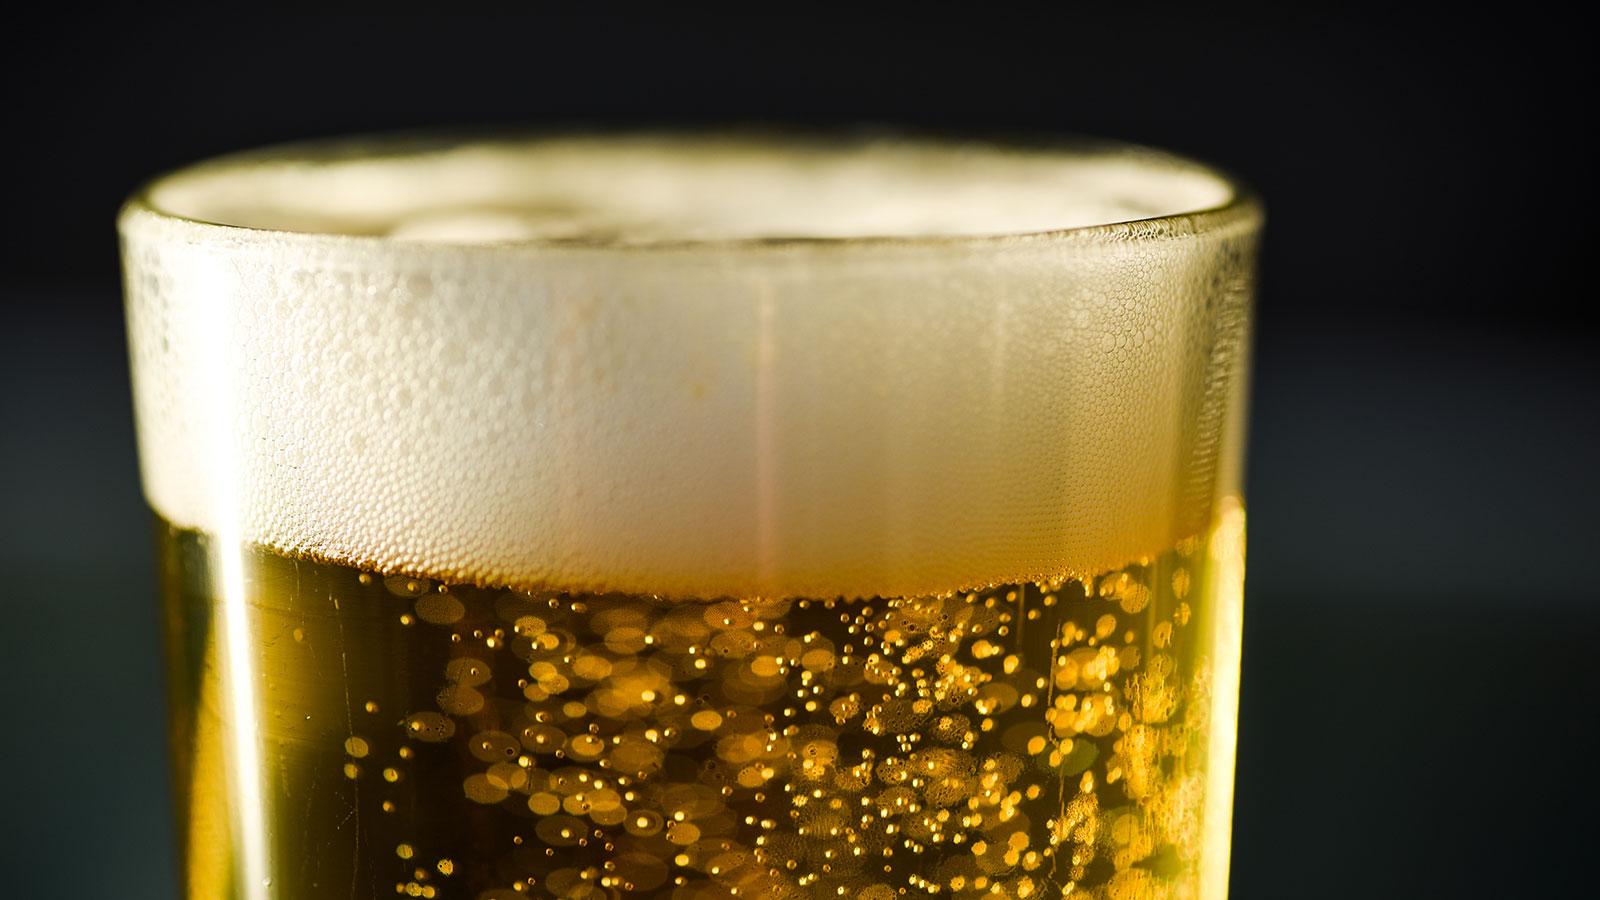 Nederland grootste exporteur bier in EU, Mexico grootste wereldwijd